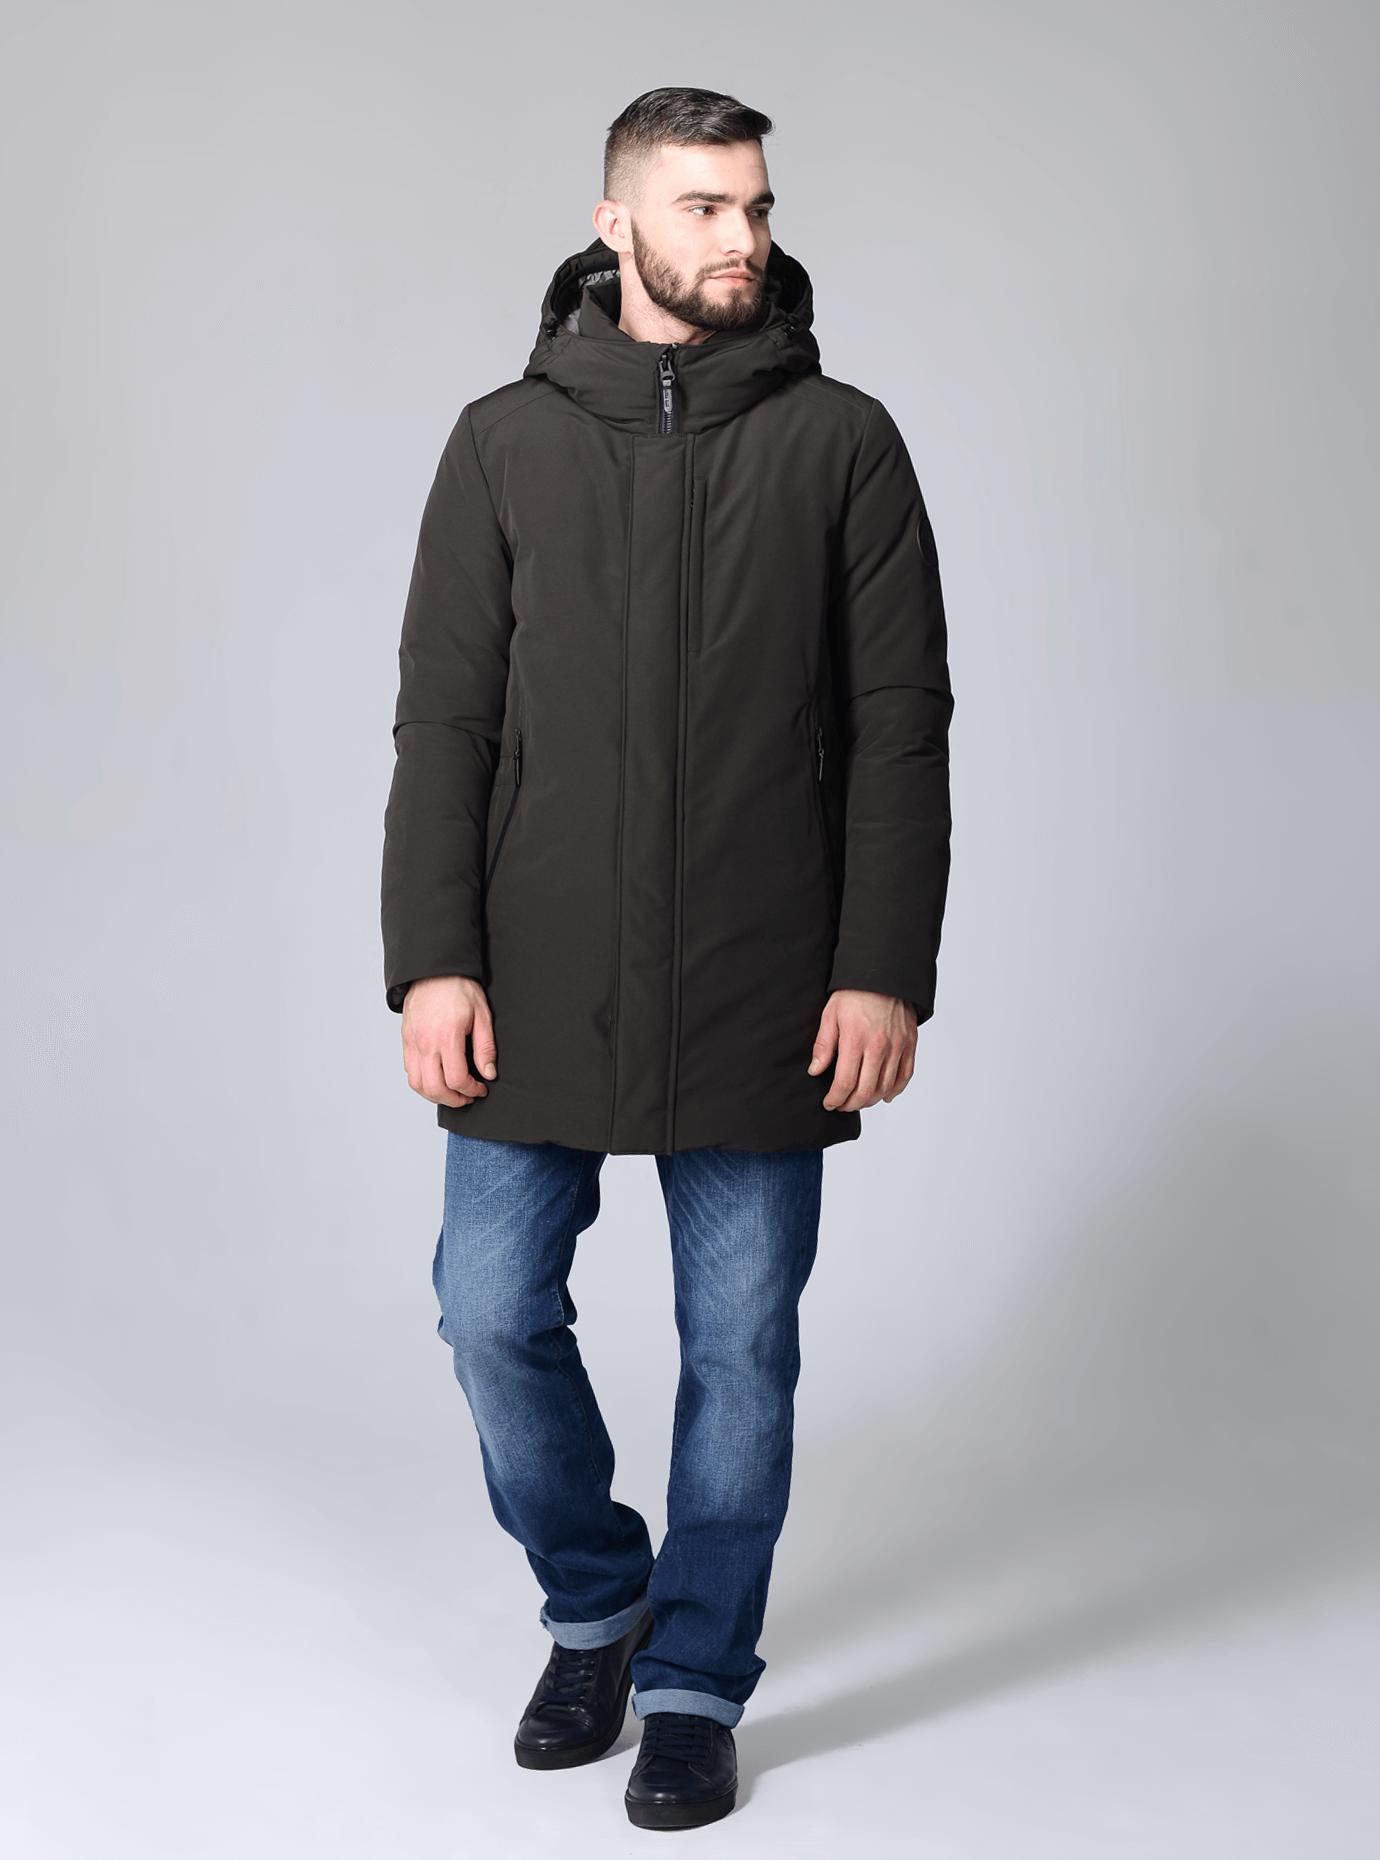 Зимняя мужская куртка Чёрный 46 (02-MC19233): фото - Alster.ua